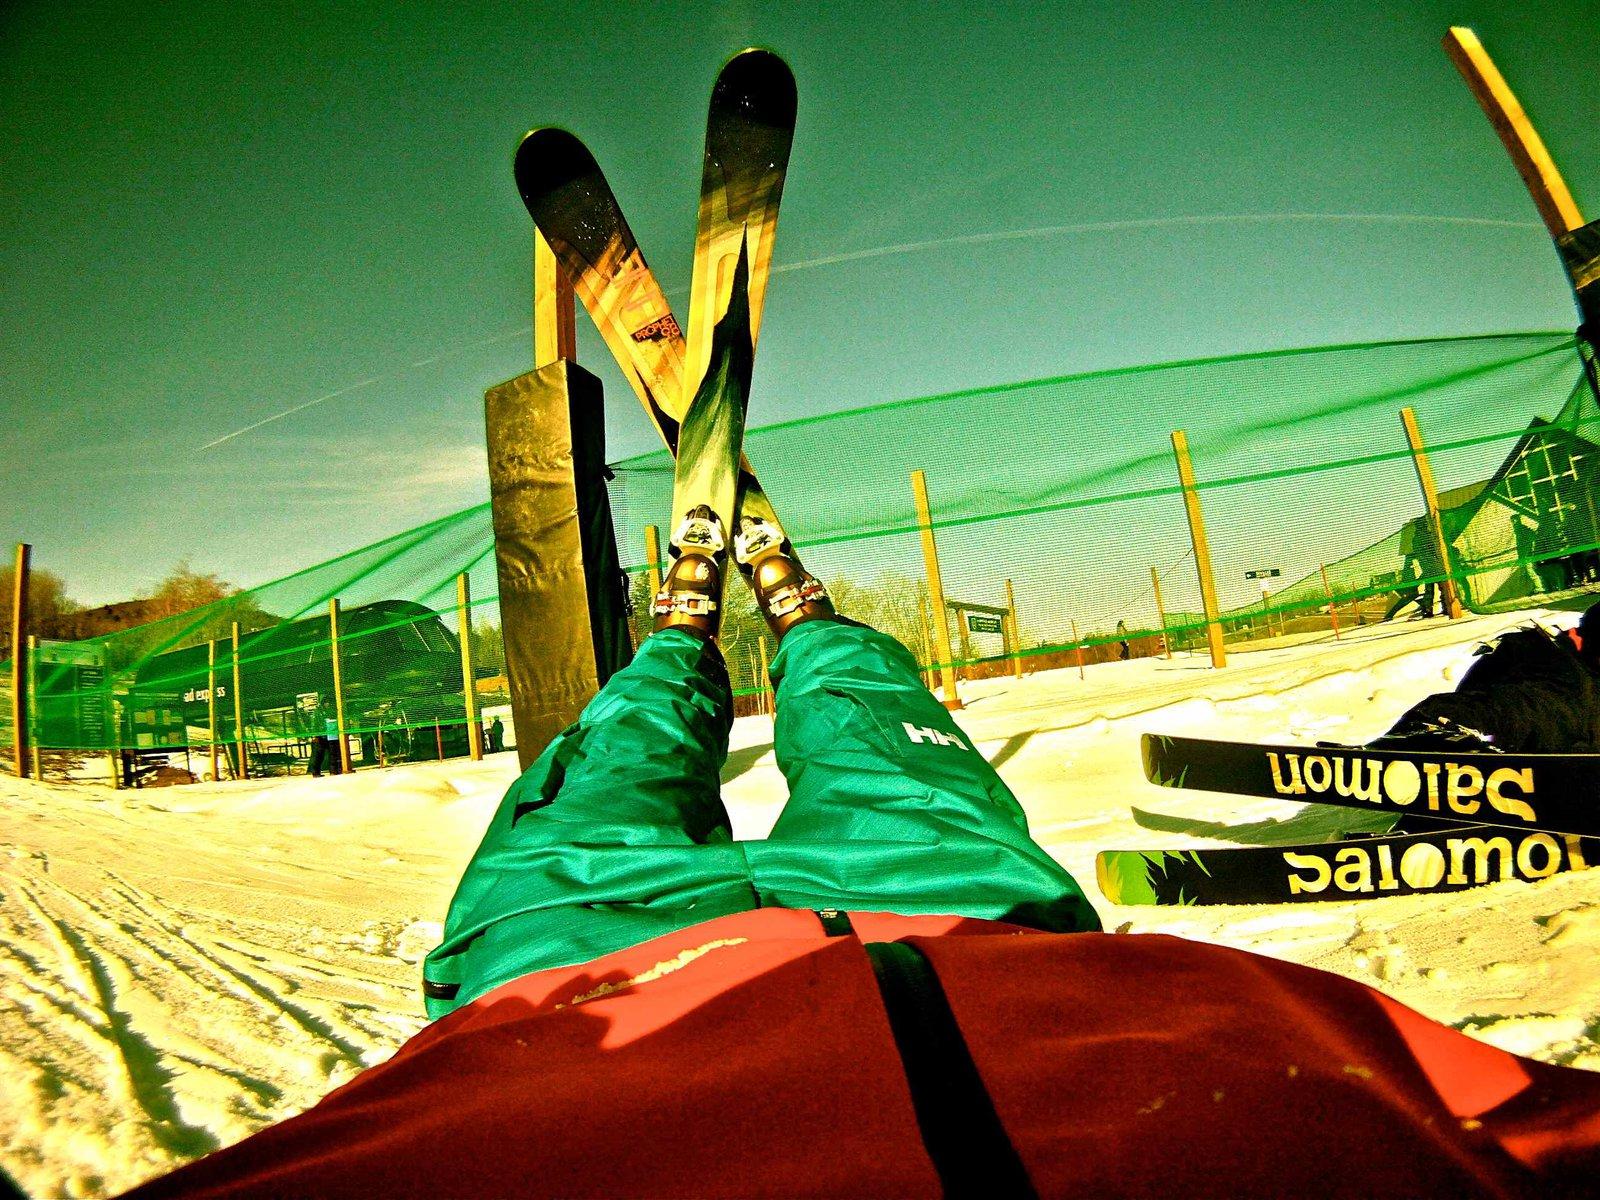 one ski quiver